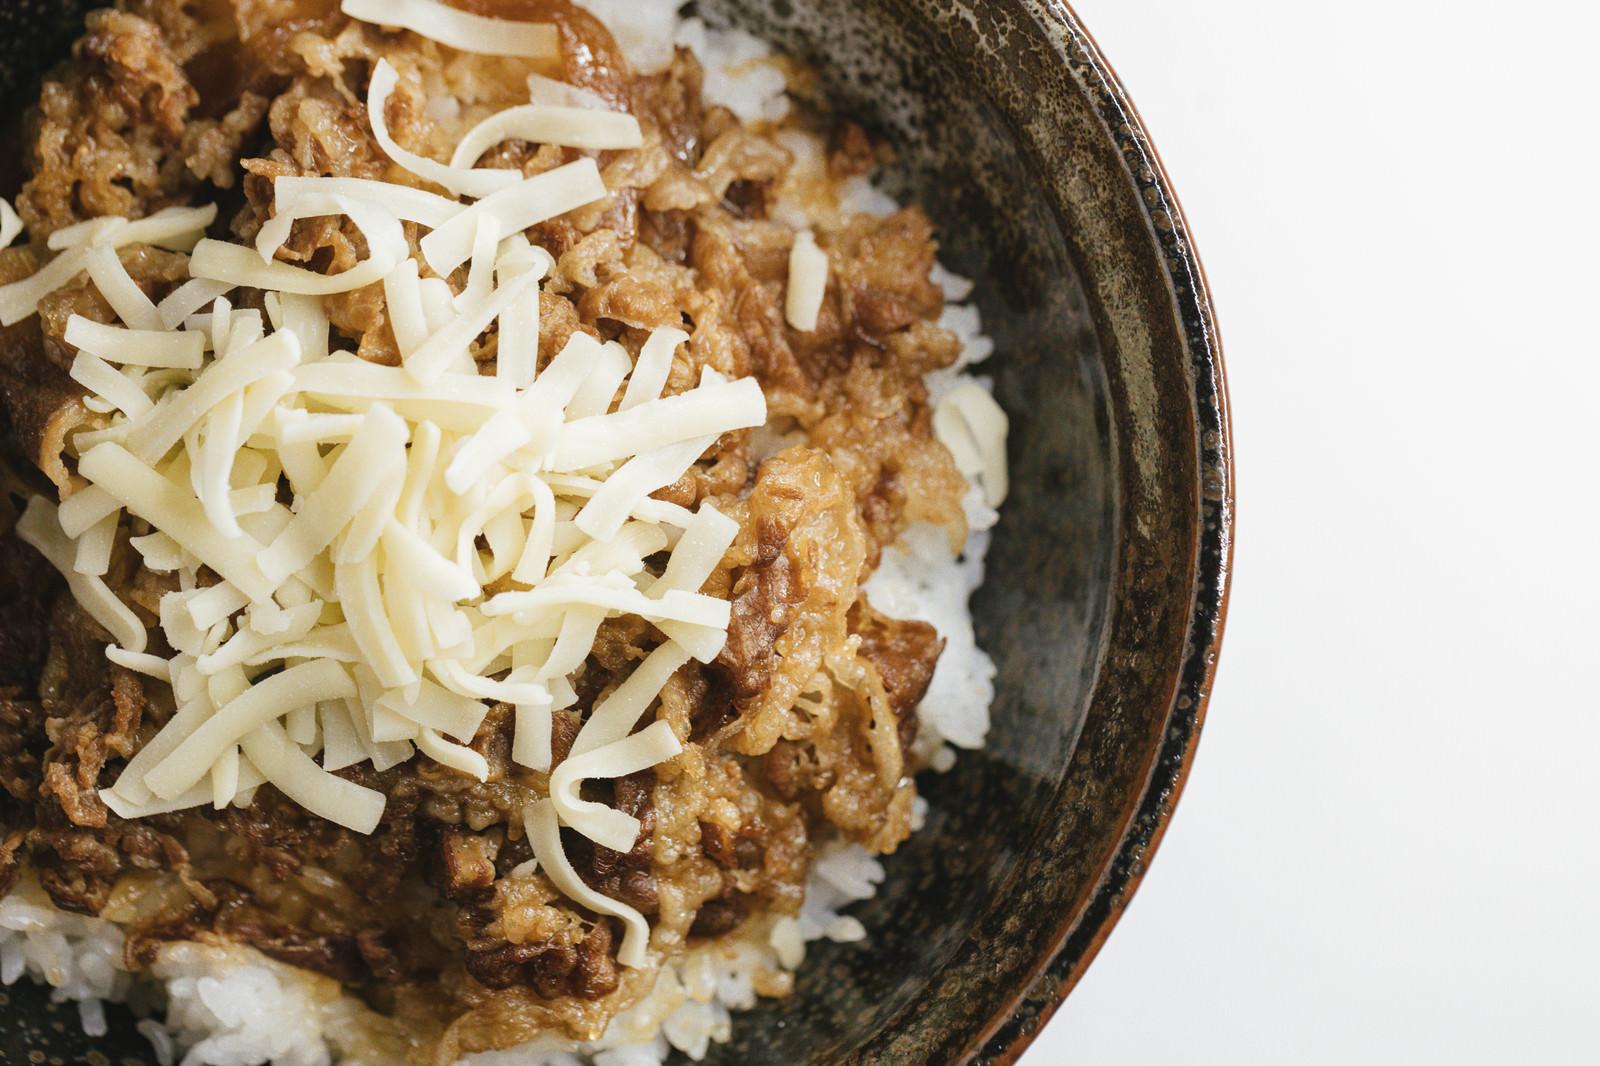 「とろけるチーズがトッピングされた牛丼」の写真